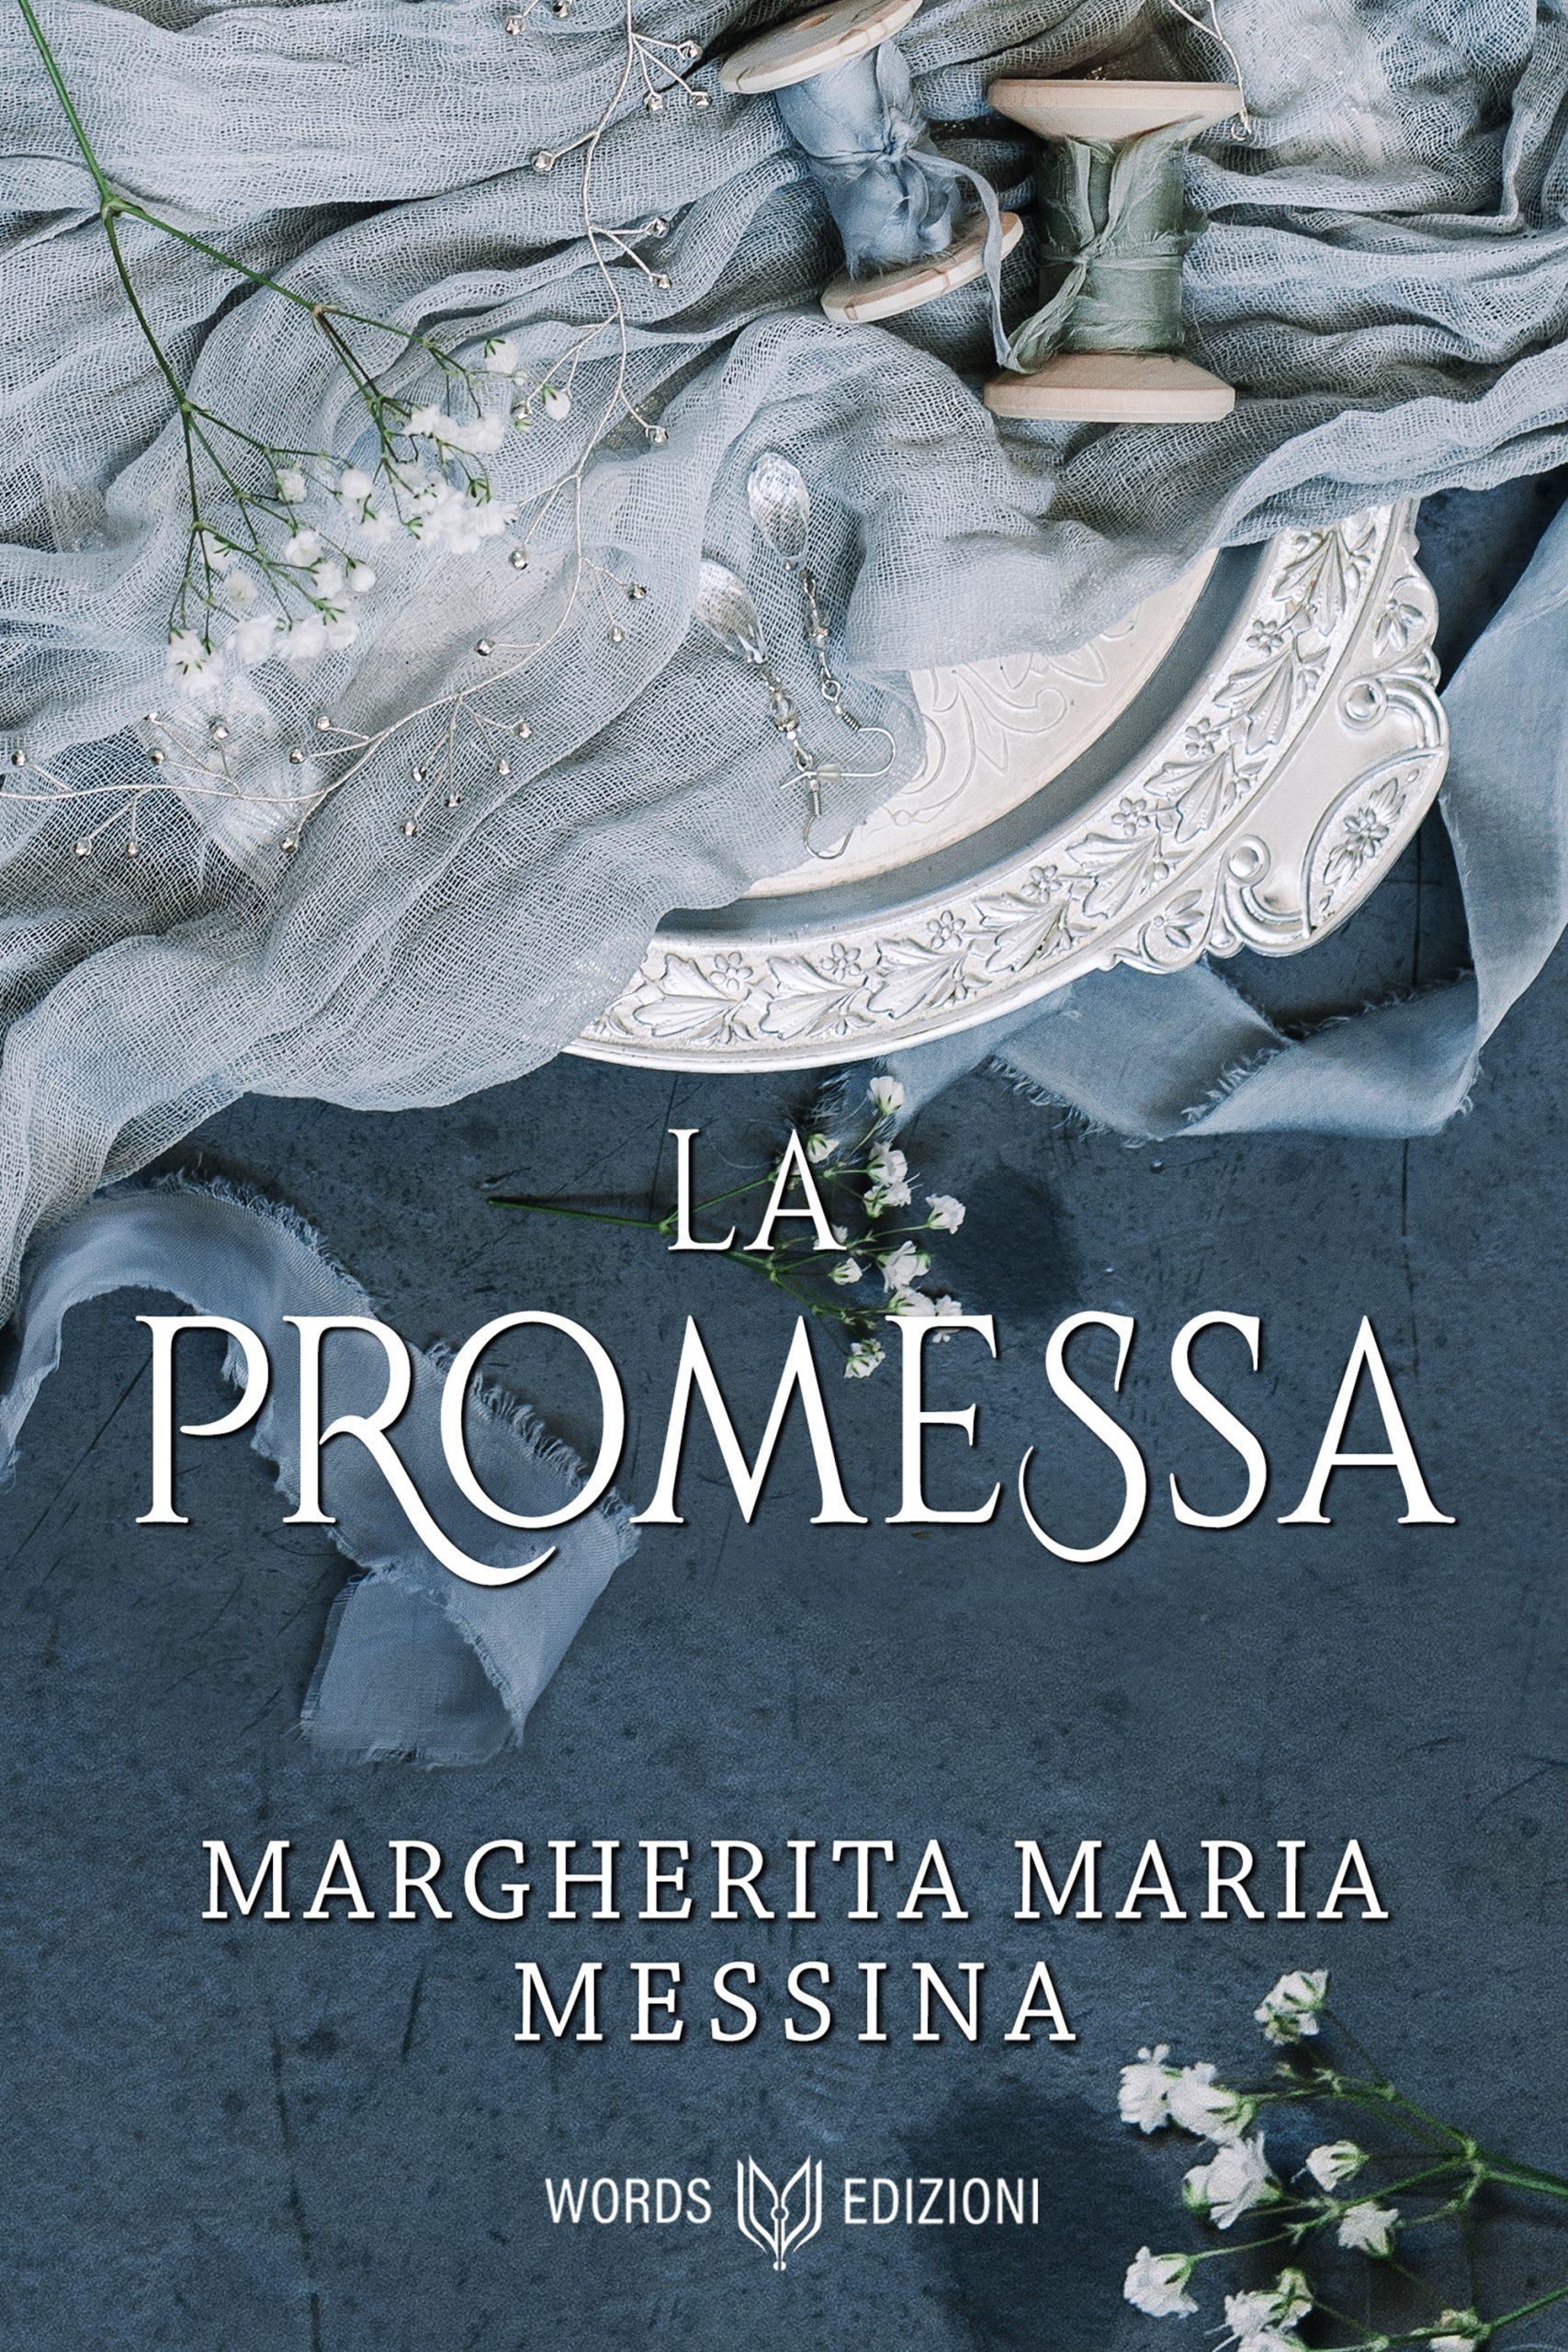 la promessa margherita maria messina regency storico words edizioni